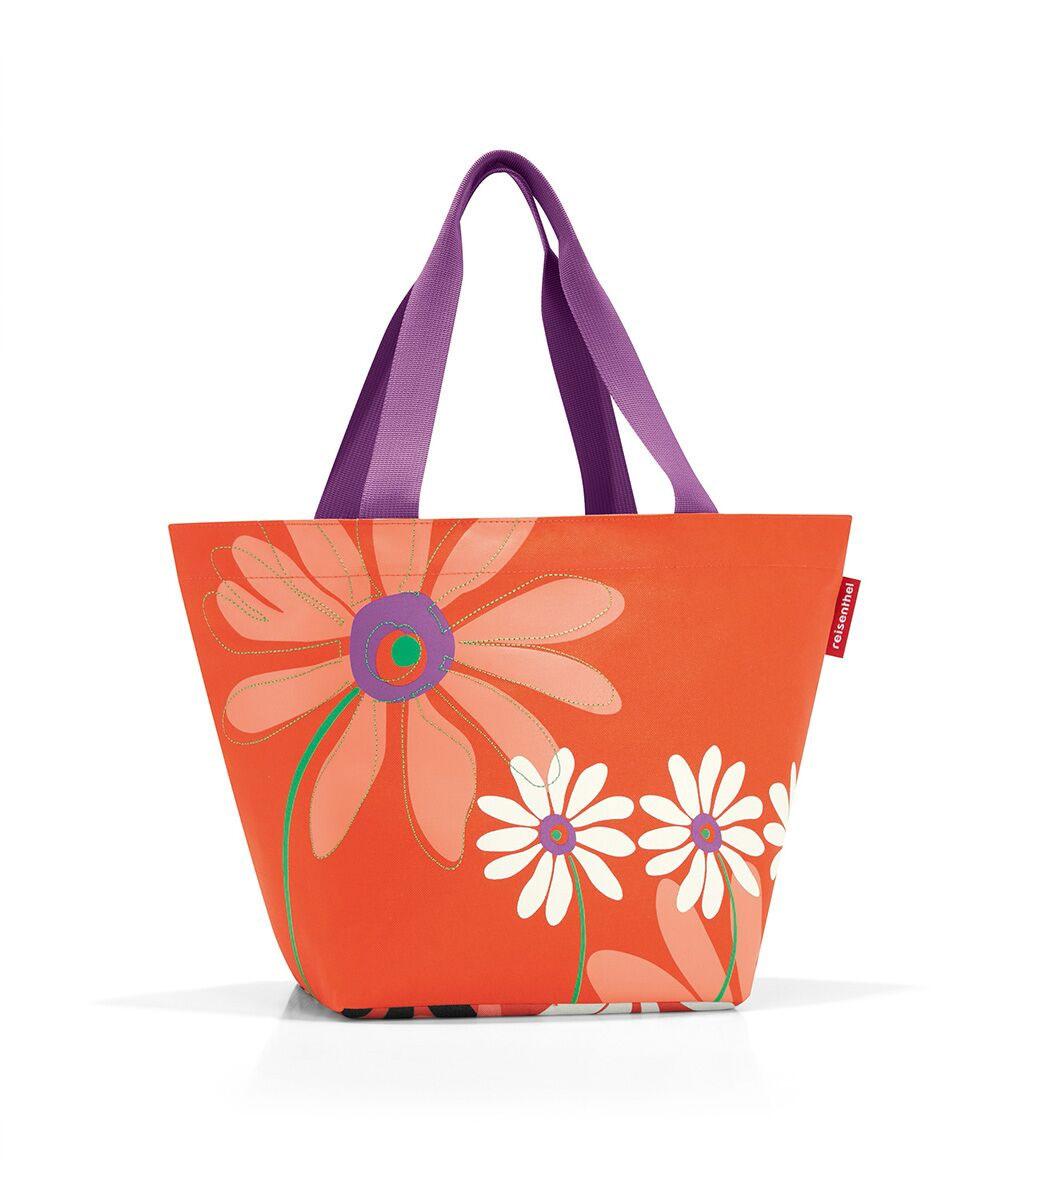 Сумка женская Reisenthel, цвет: оранжевый, мультиколор. ZS4043ZS4043Вместительная женская сумка Reisenthel, изготовленная из текстиля, оформлена оригинальным принтом и вышивкой. Сумка имеет одно отделение, которое закрывается на застежку-молнию. Внутри расположен нашивной карман на застежке-молнии. Сумка оснащена двумя длинными ручками.